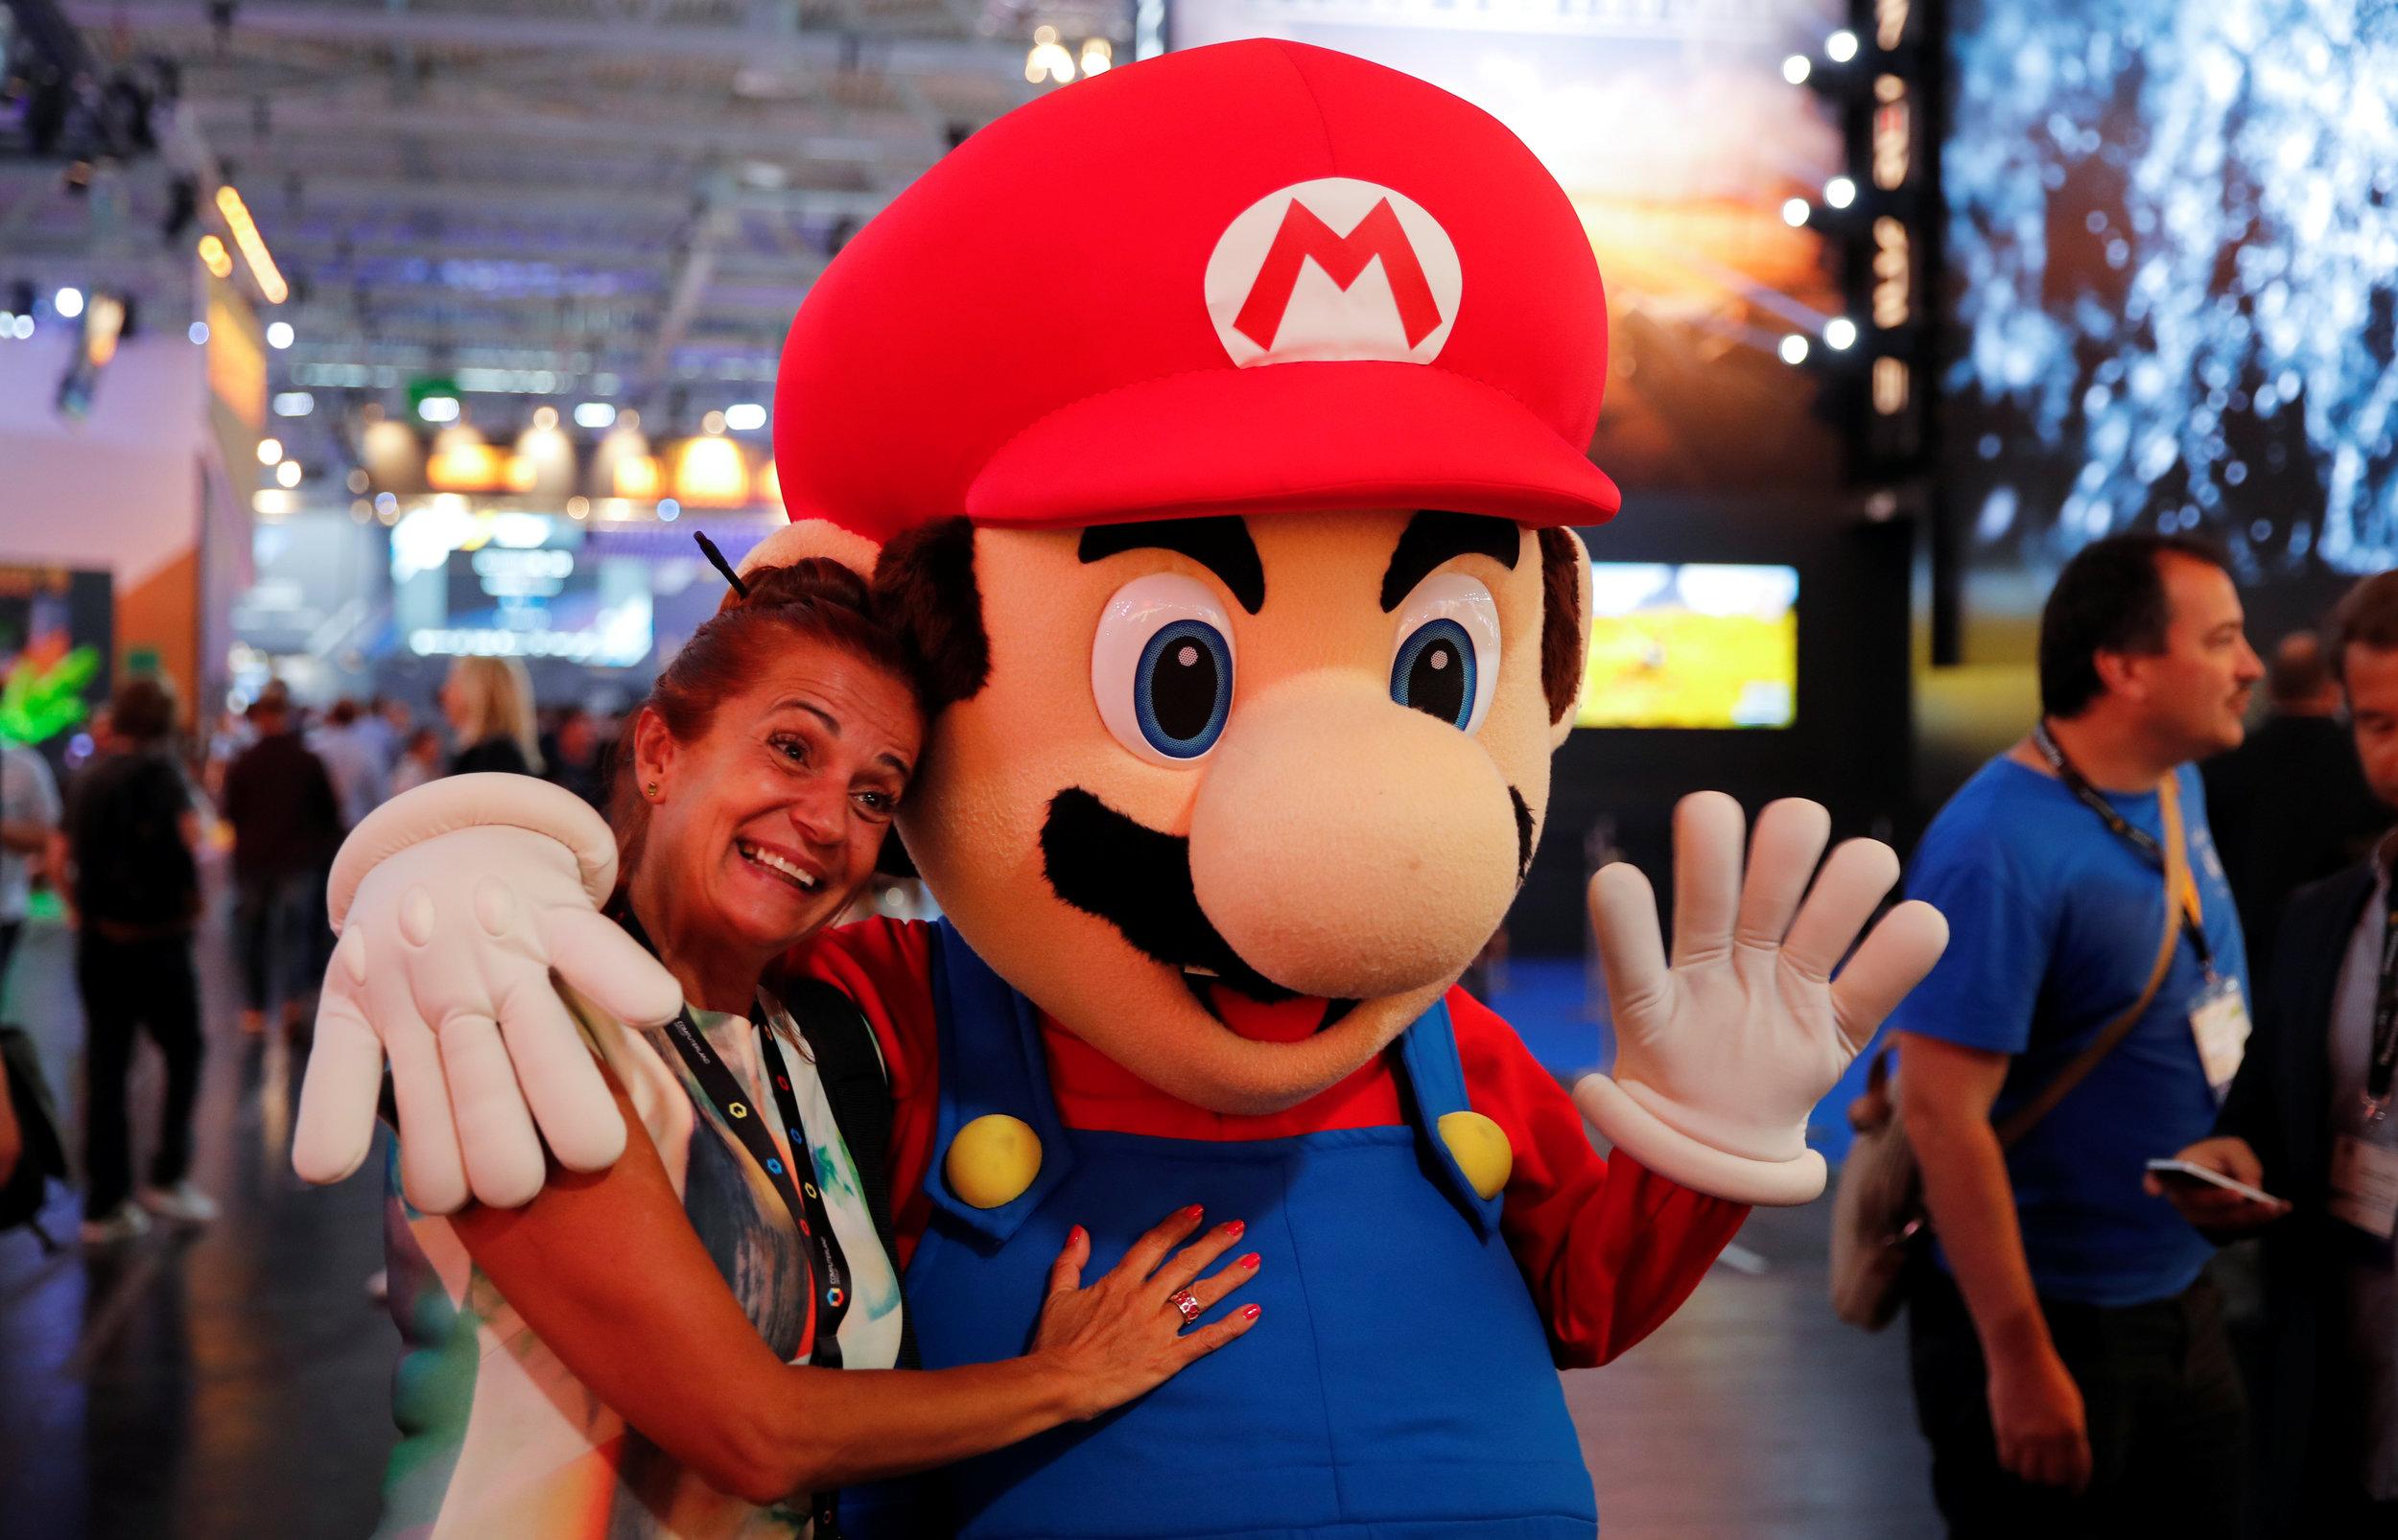 Gamescom 2017:  Nintendos Odyssee ist zu Ende.  Der japanische Spielkonsolenhersteller hats geschafft. Die neue Switch ist ein Renner (Bild: Reuters)   SonntagsZeitung, 27.8.2017